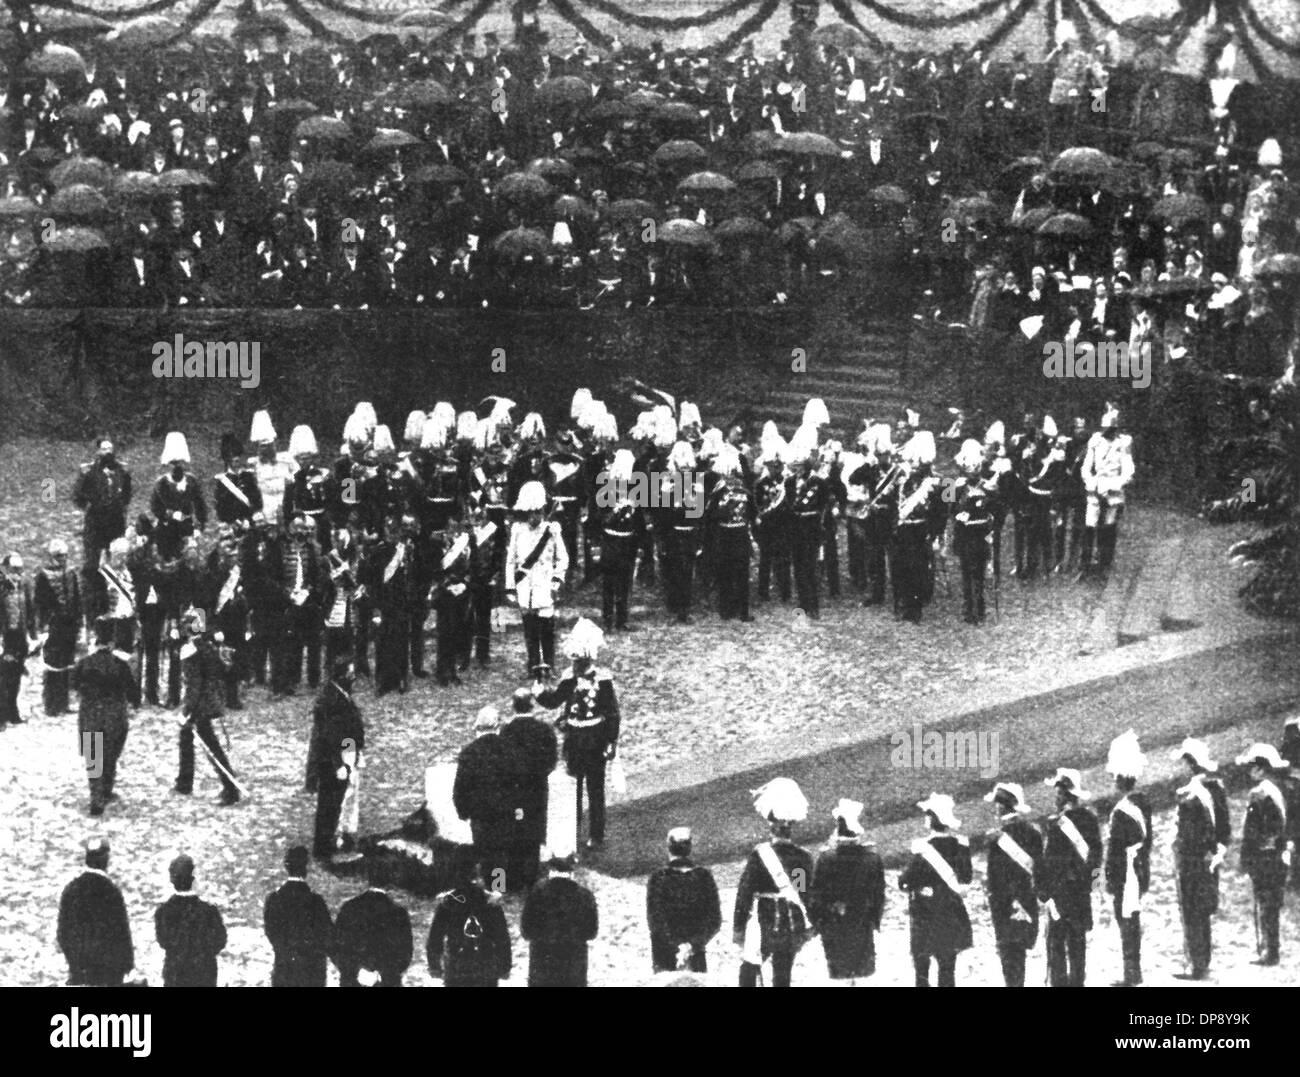 Imperatore Guglielmo I. (m) partecipa alla posa della prima pietra per il nuovo Reichstag di Berlino nel 1884. Cancelliere imperiale Otto von Bismarck esegue il colpo di martello dietro Imperatore Guglielmo I. Immagini Stock